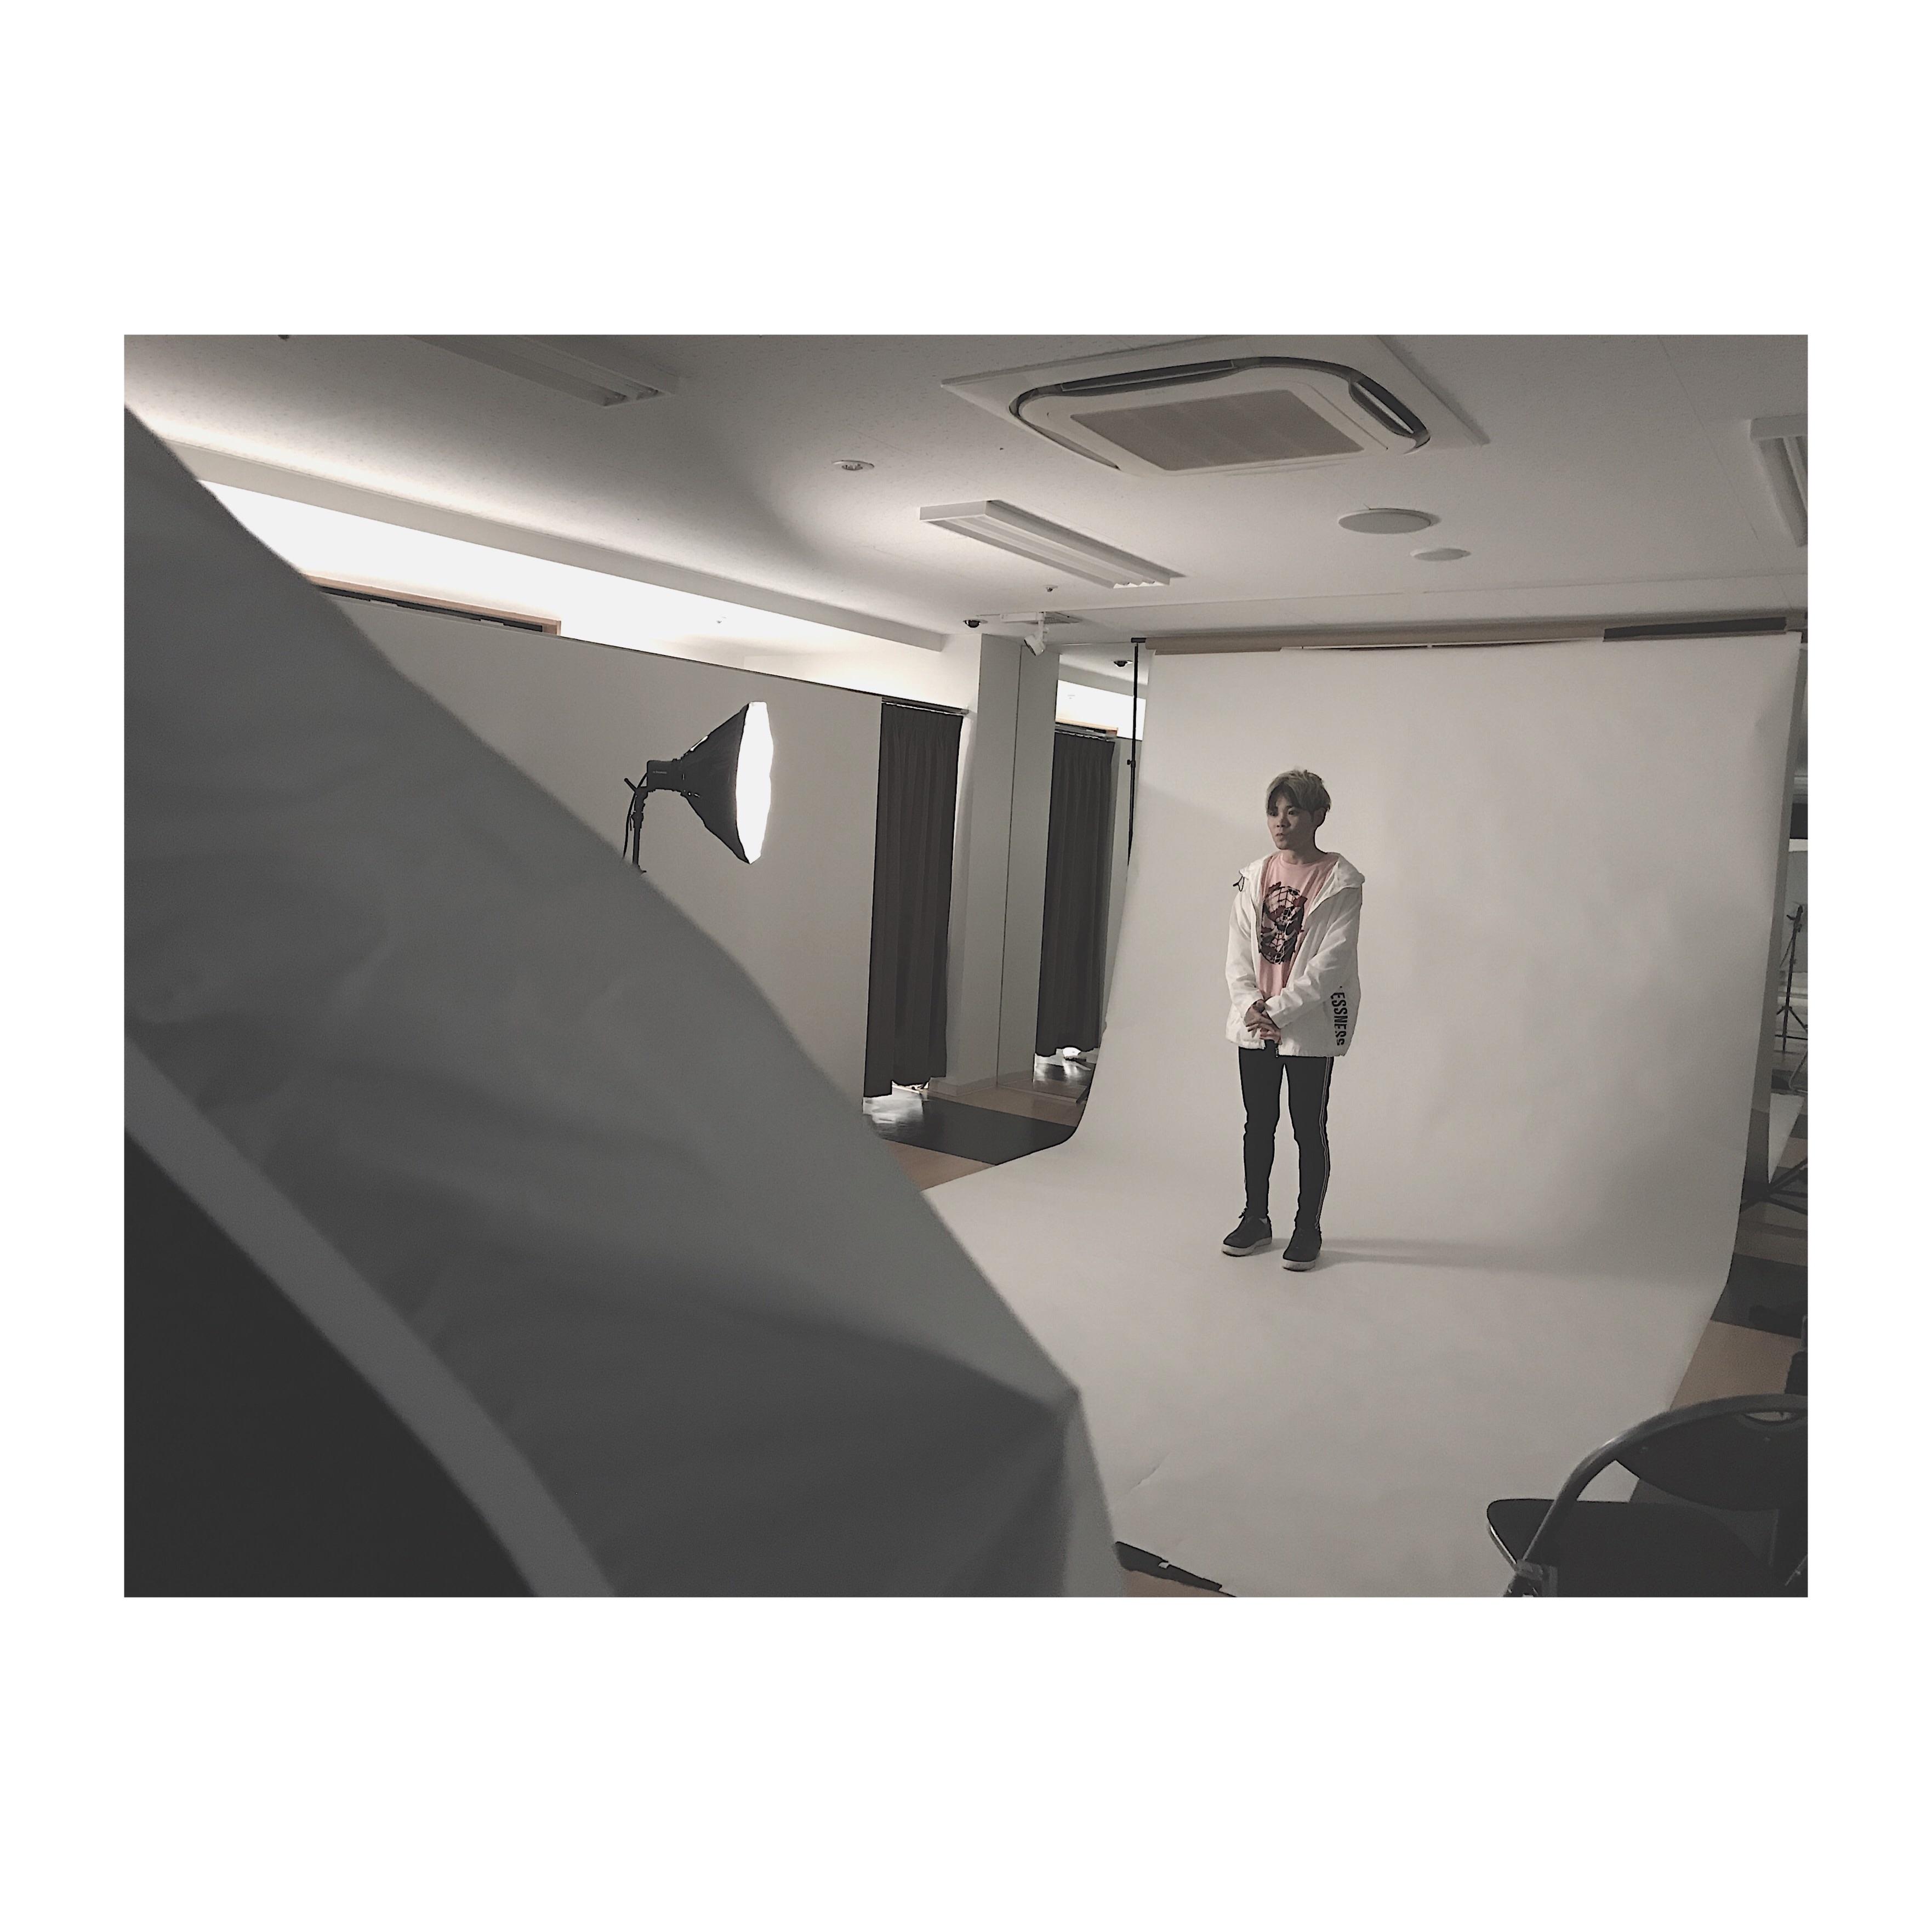 f:id:Yosuke0912:20180623153221j:image